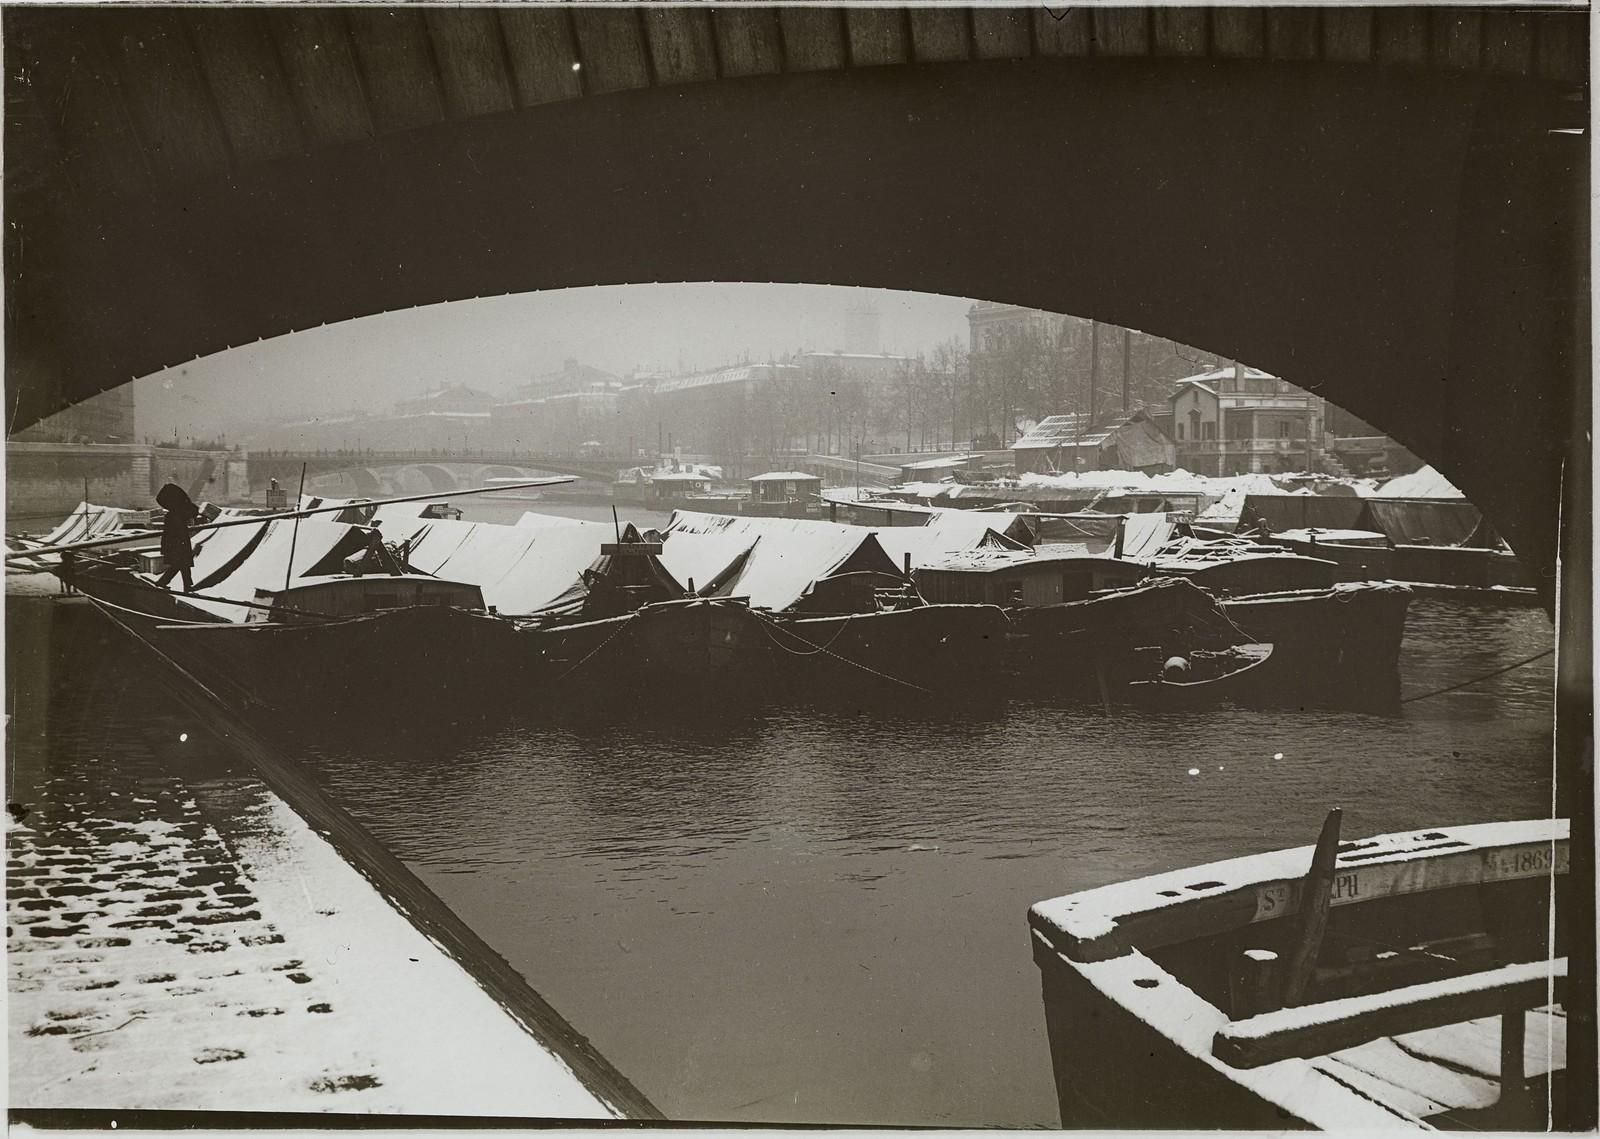 05. Набережная Бурбон в районе моста Луи-Филиппа, под снегом